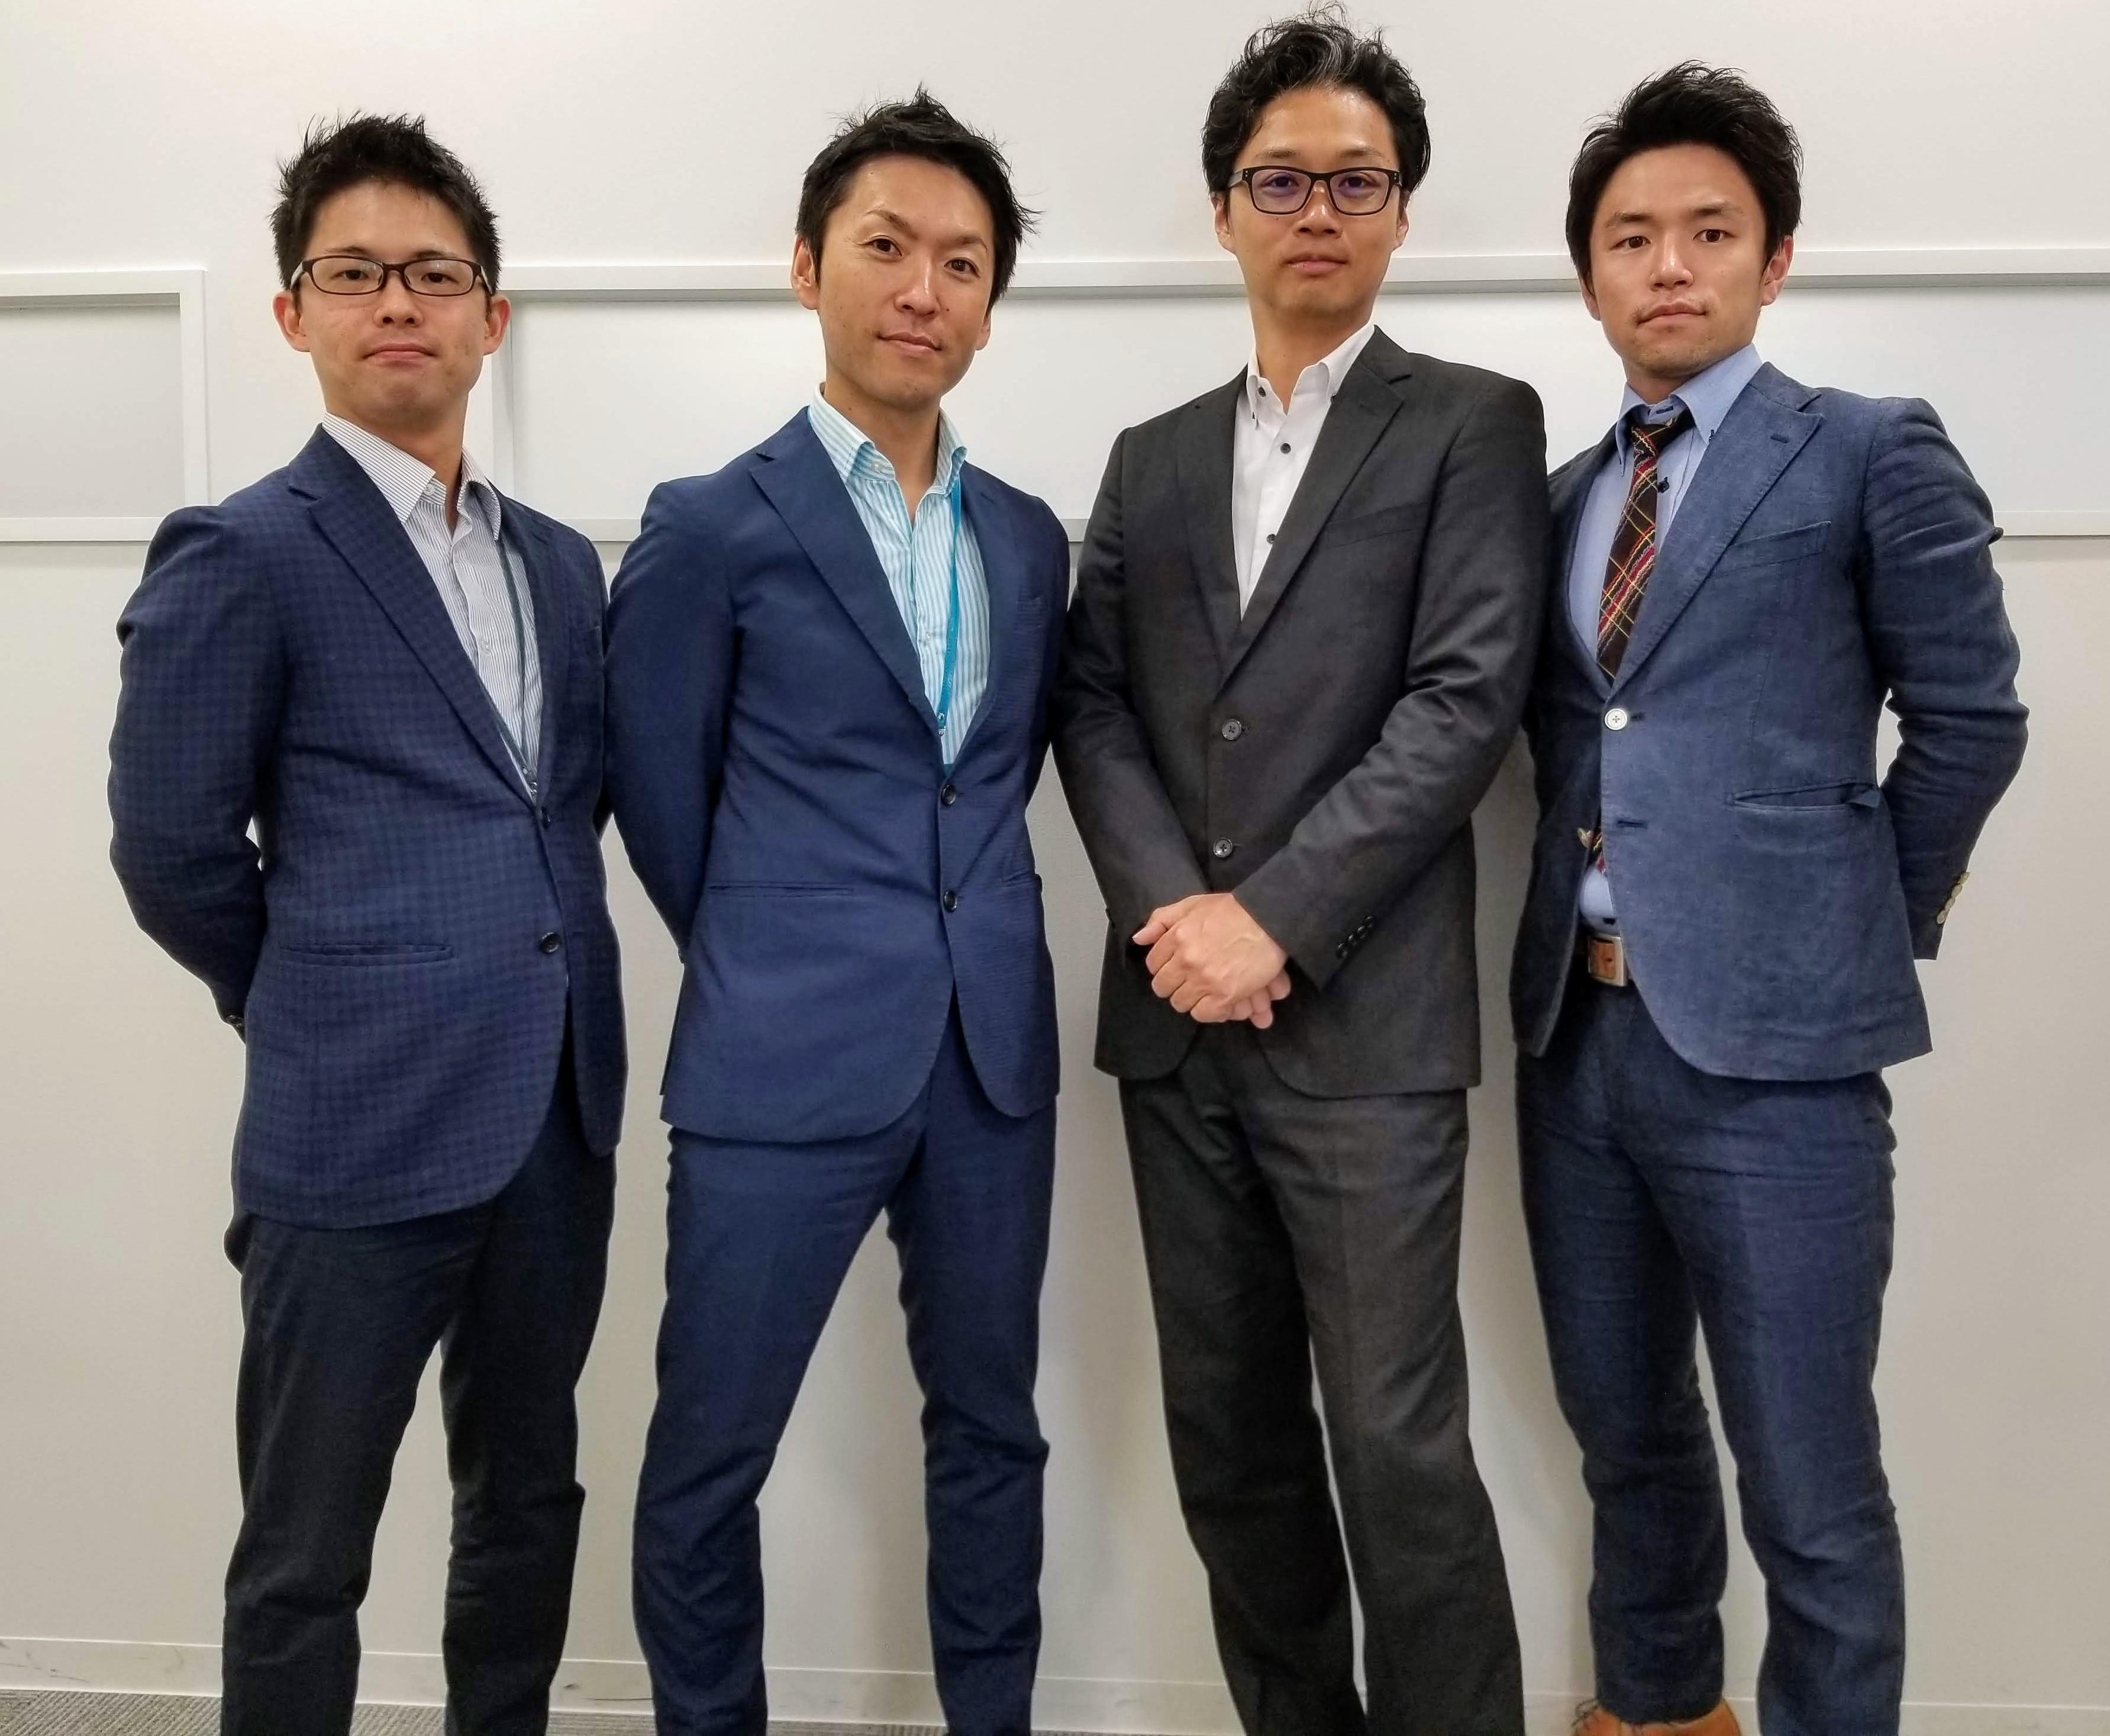 辻・岡本・山下・鯵坂